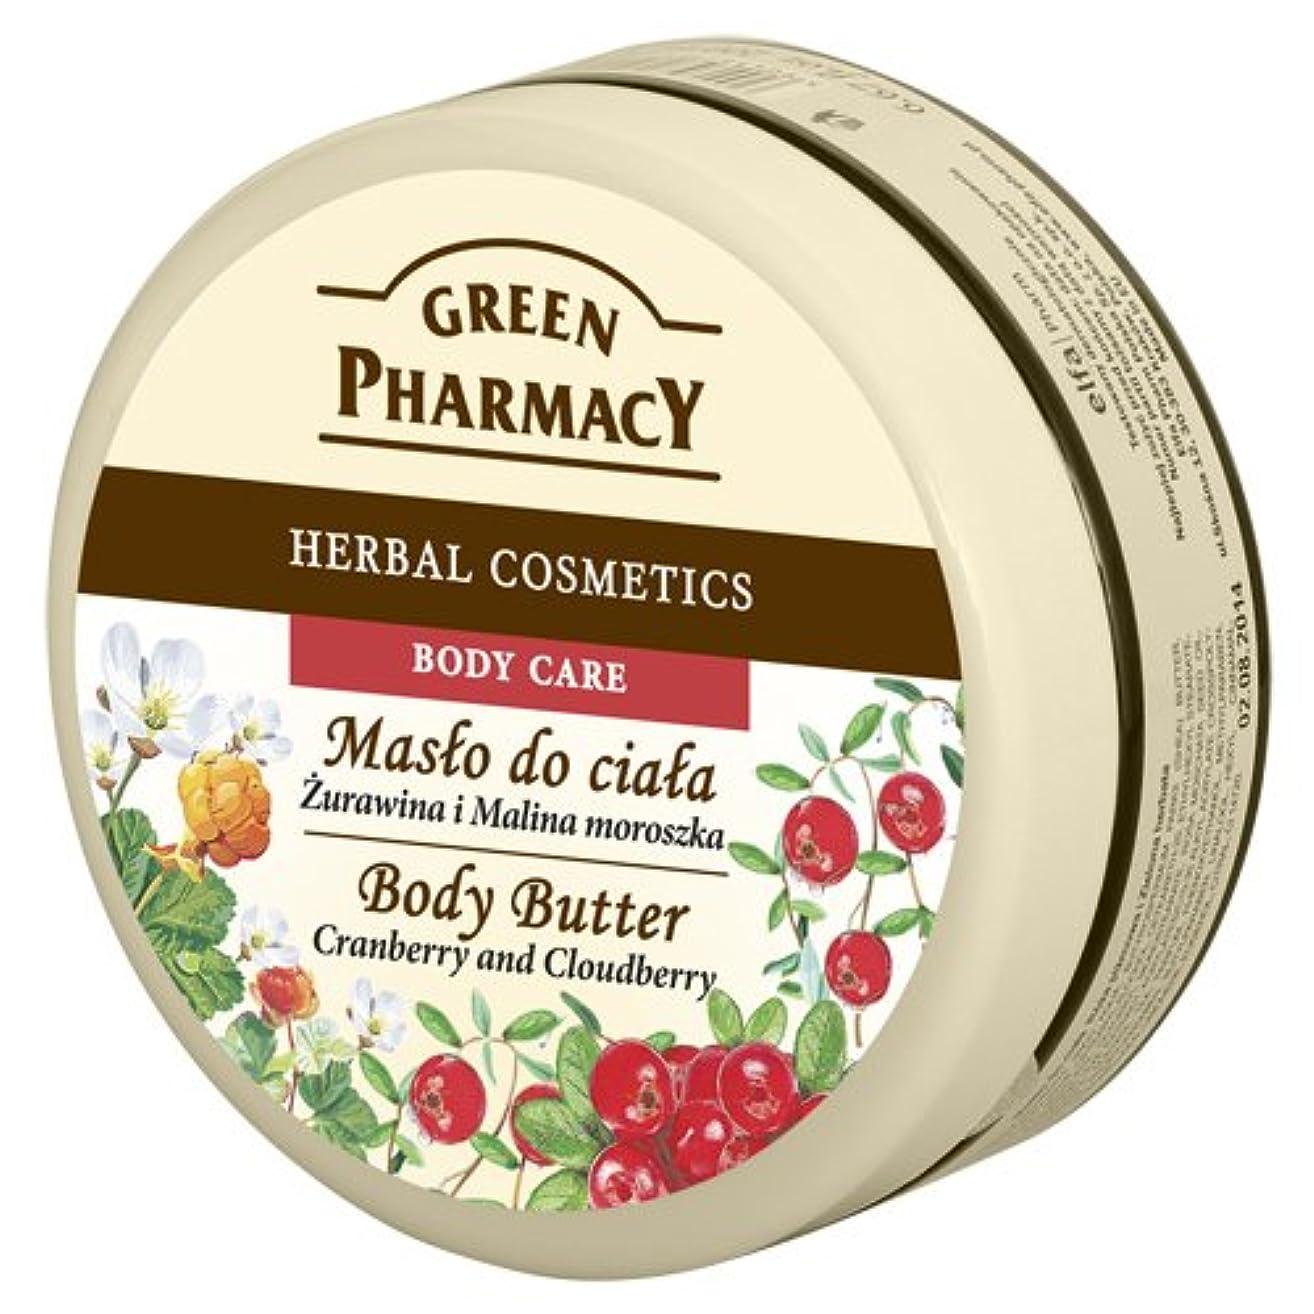 背が高いの頭の上大邸宅Elfa Pharm Green Pharmacy グリーンファーマシー Body Butter ボディバター Cranberry and Cloudberry